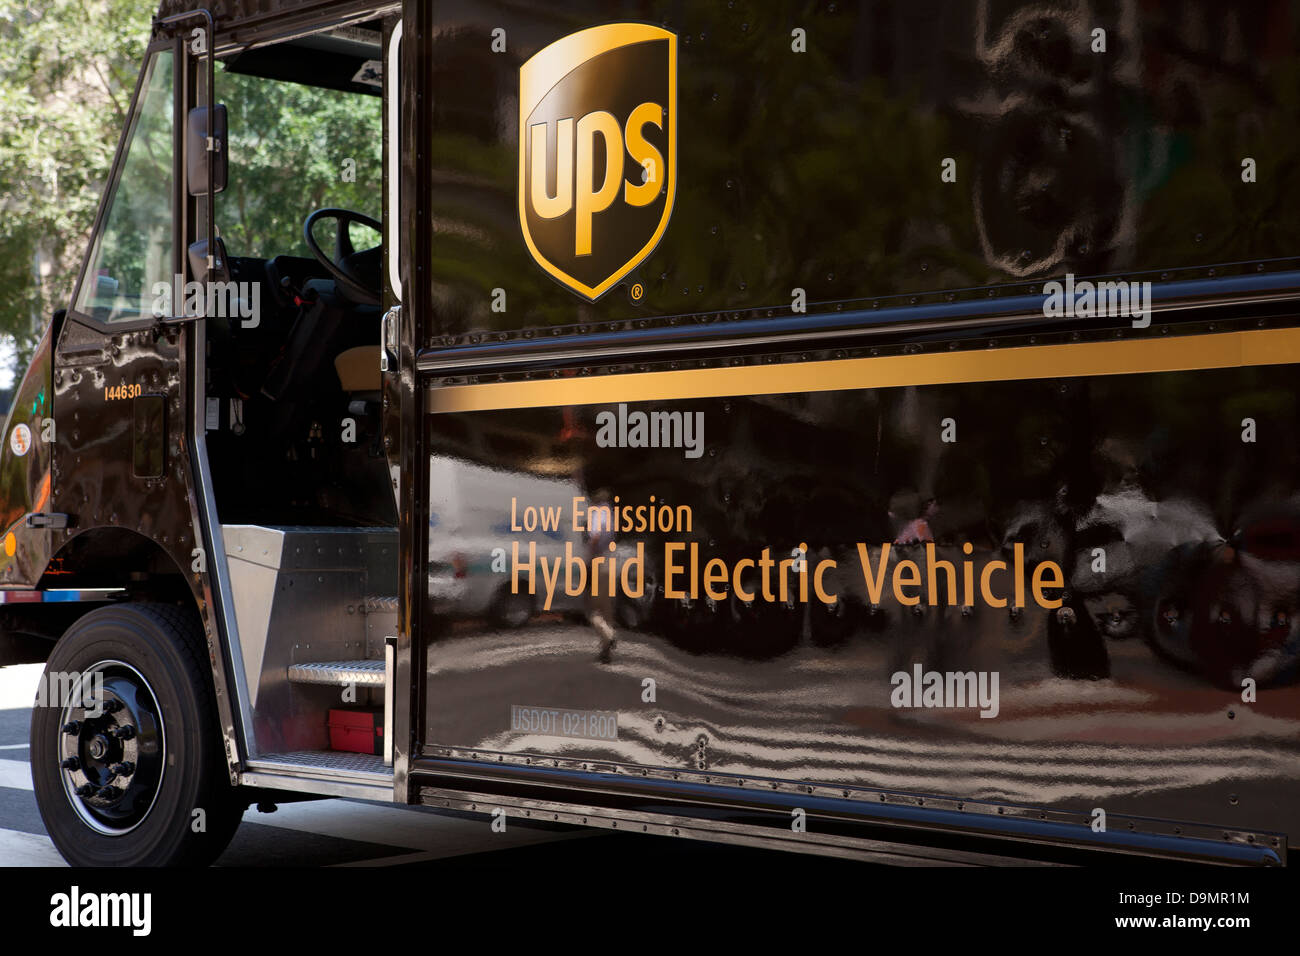 UPS ibrido elettrico carrello di consegna Immagini Stock